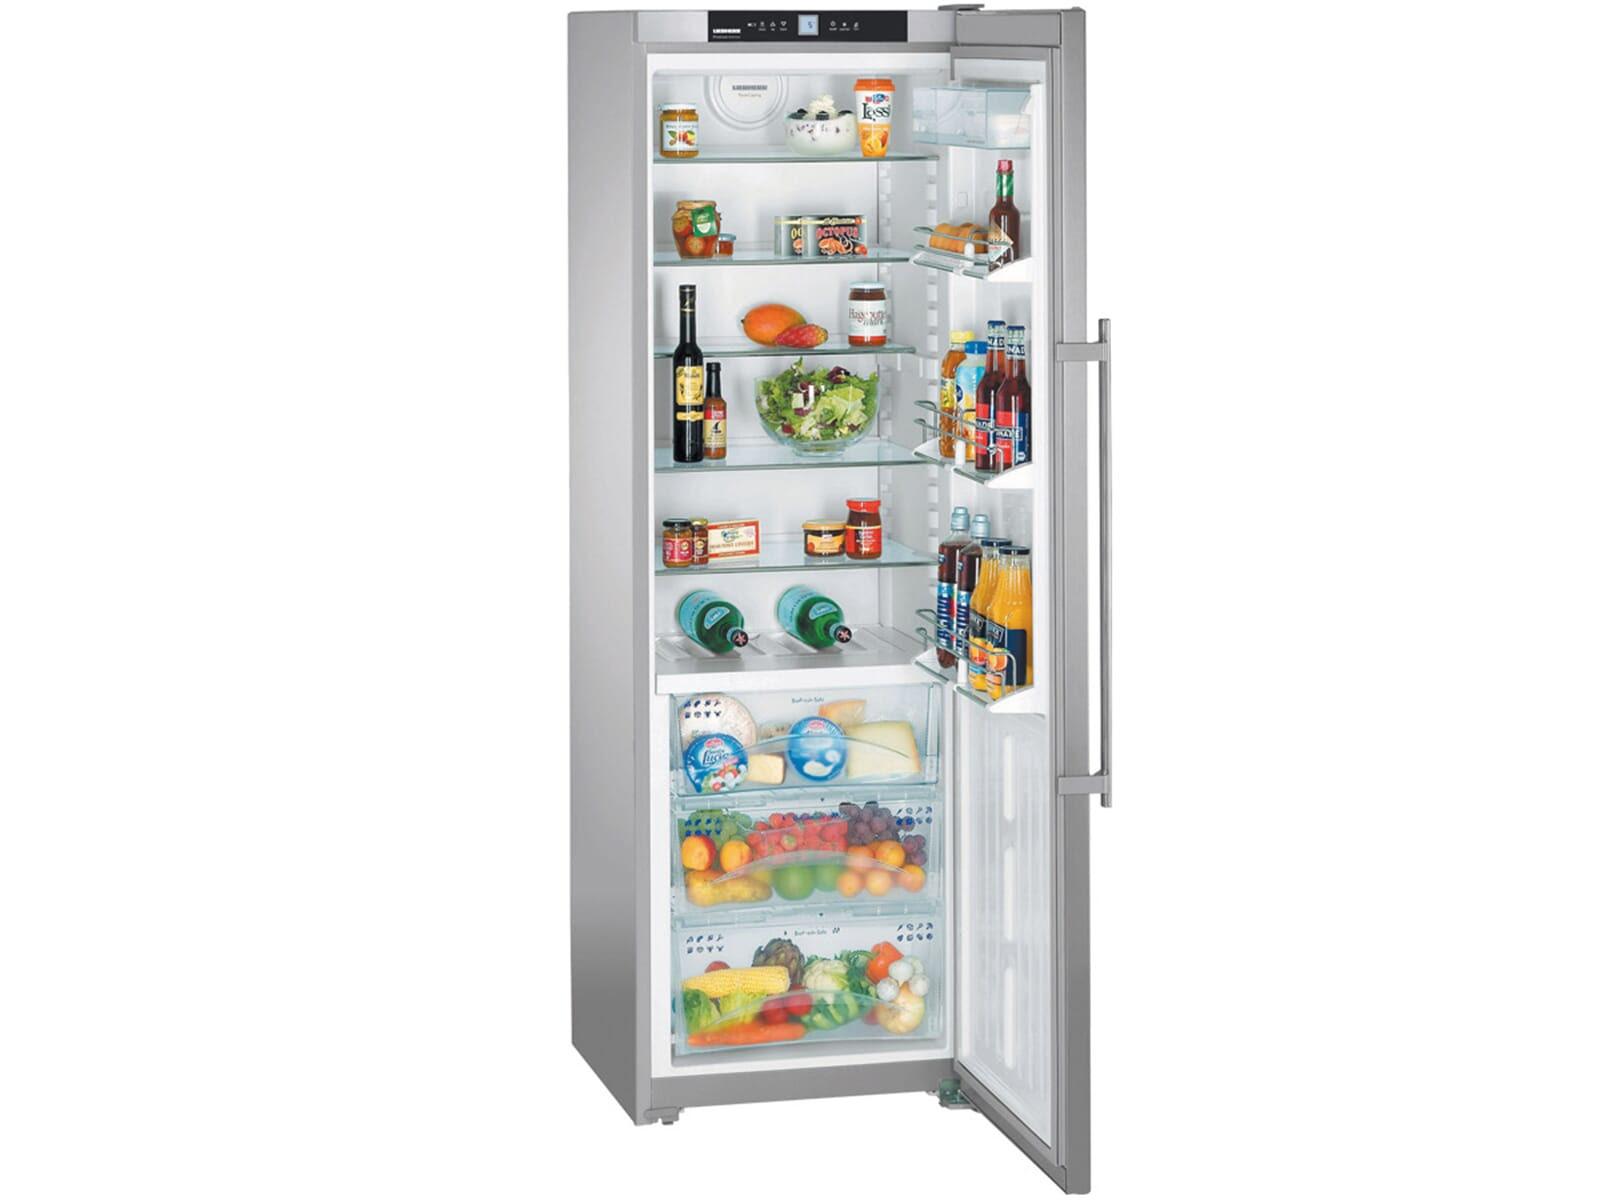 Bomann Kühlschrank Zapfanlage : Edelstahl kühlschrank liebherr gebraucht britton jennifer